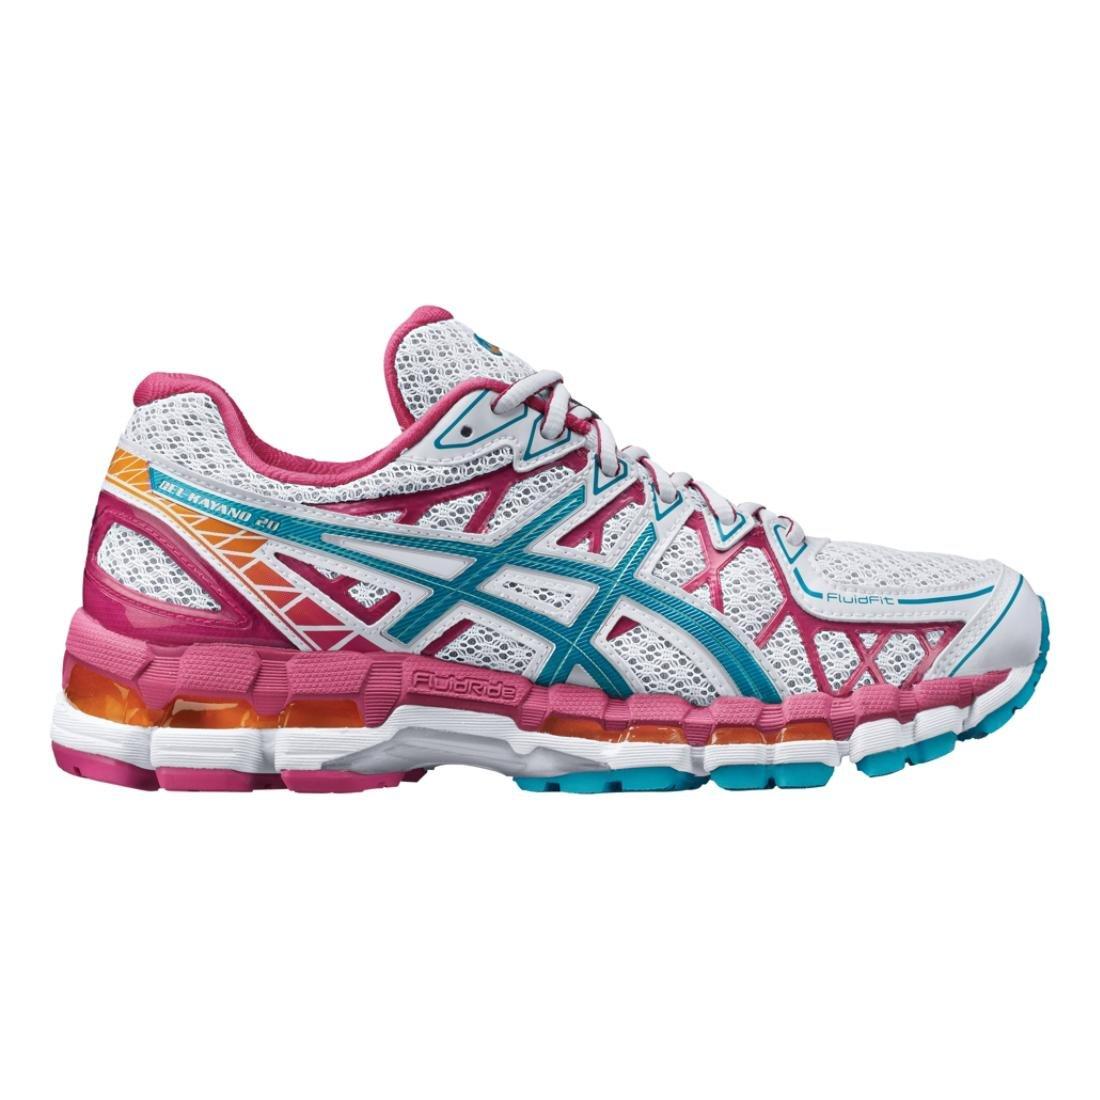 ASICS T3N7N Women's GEL KAYANO 20 Running Shoes, WhtGlf